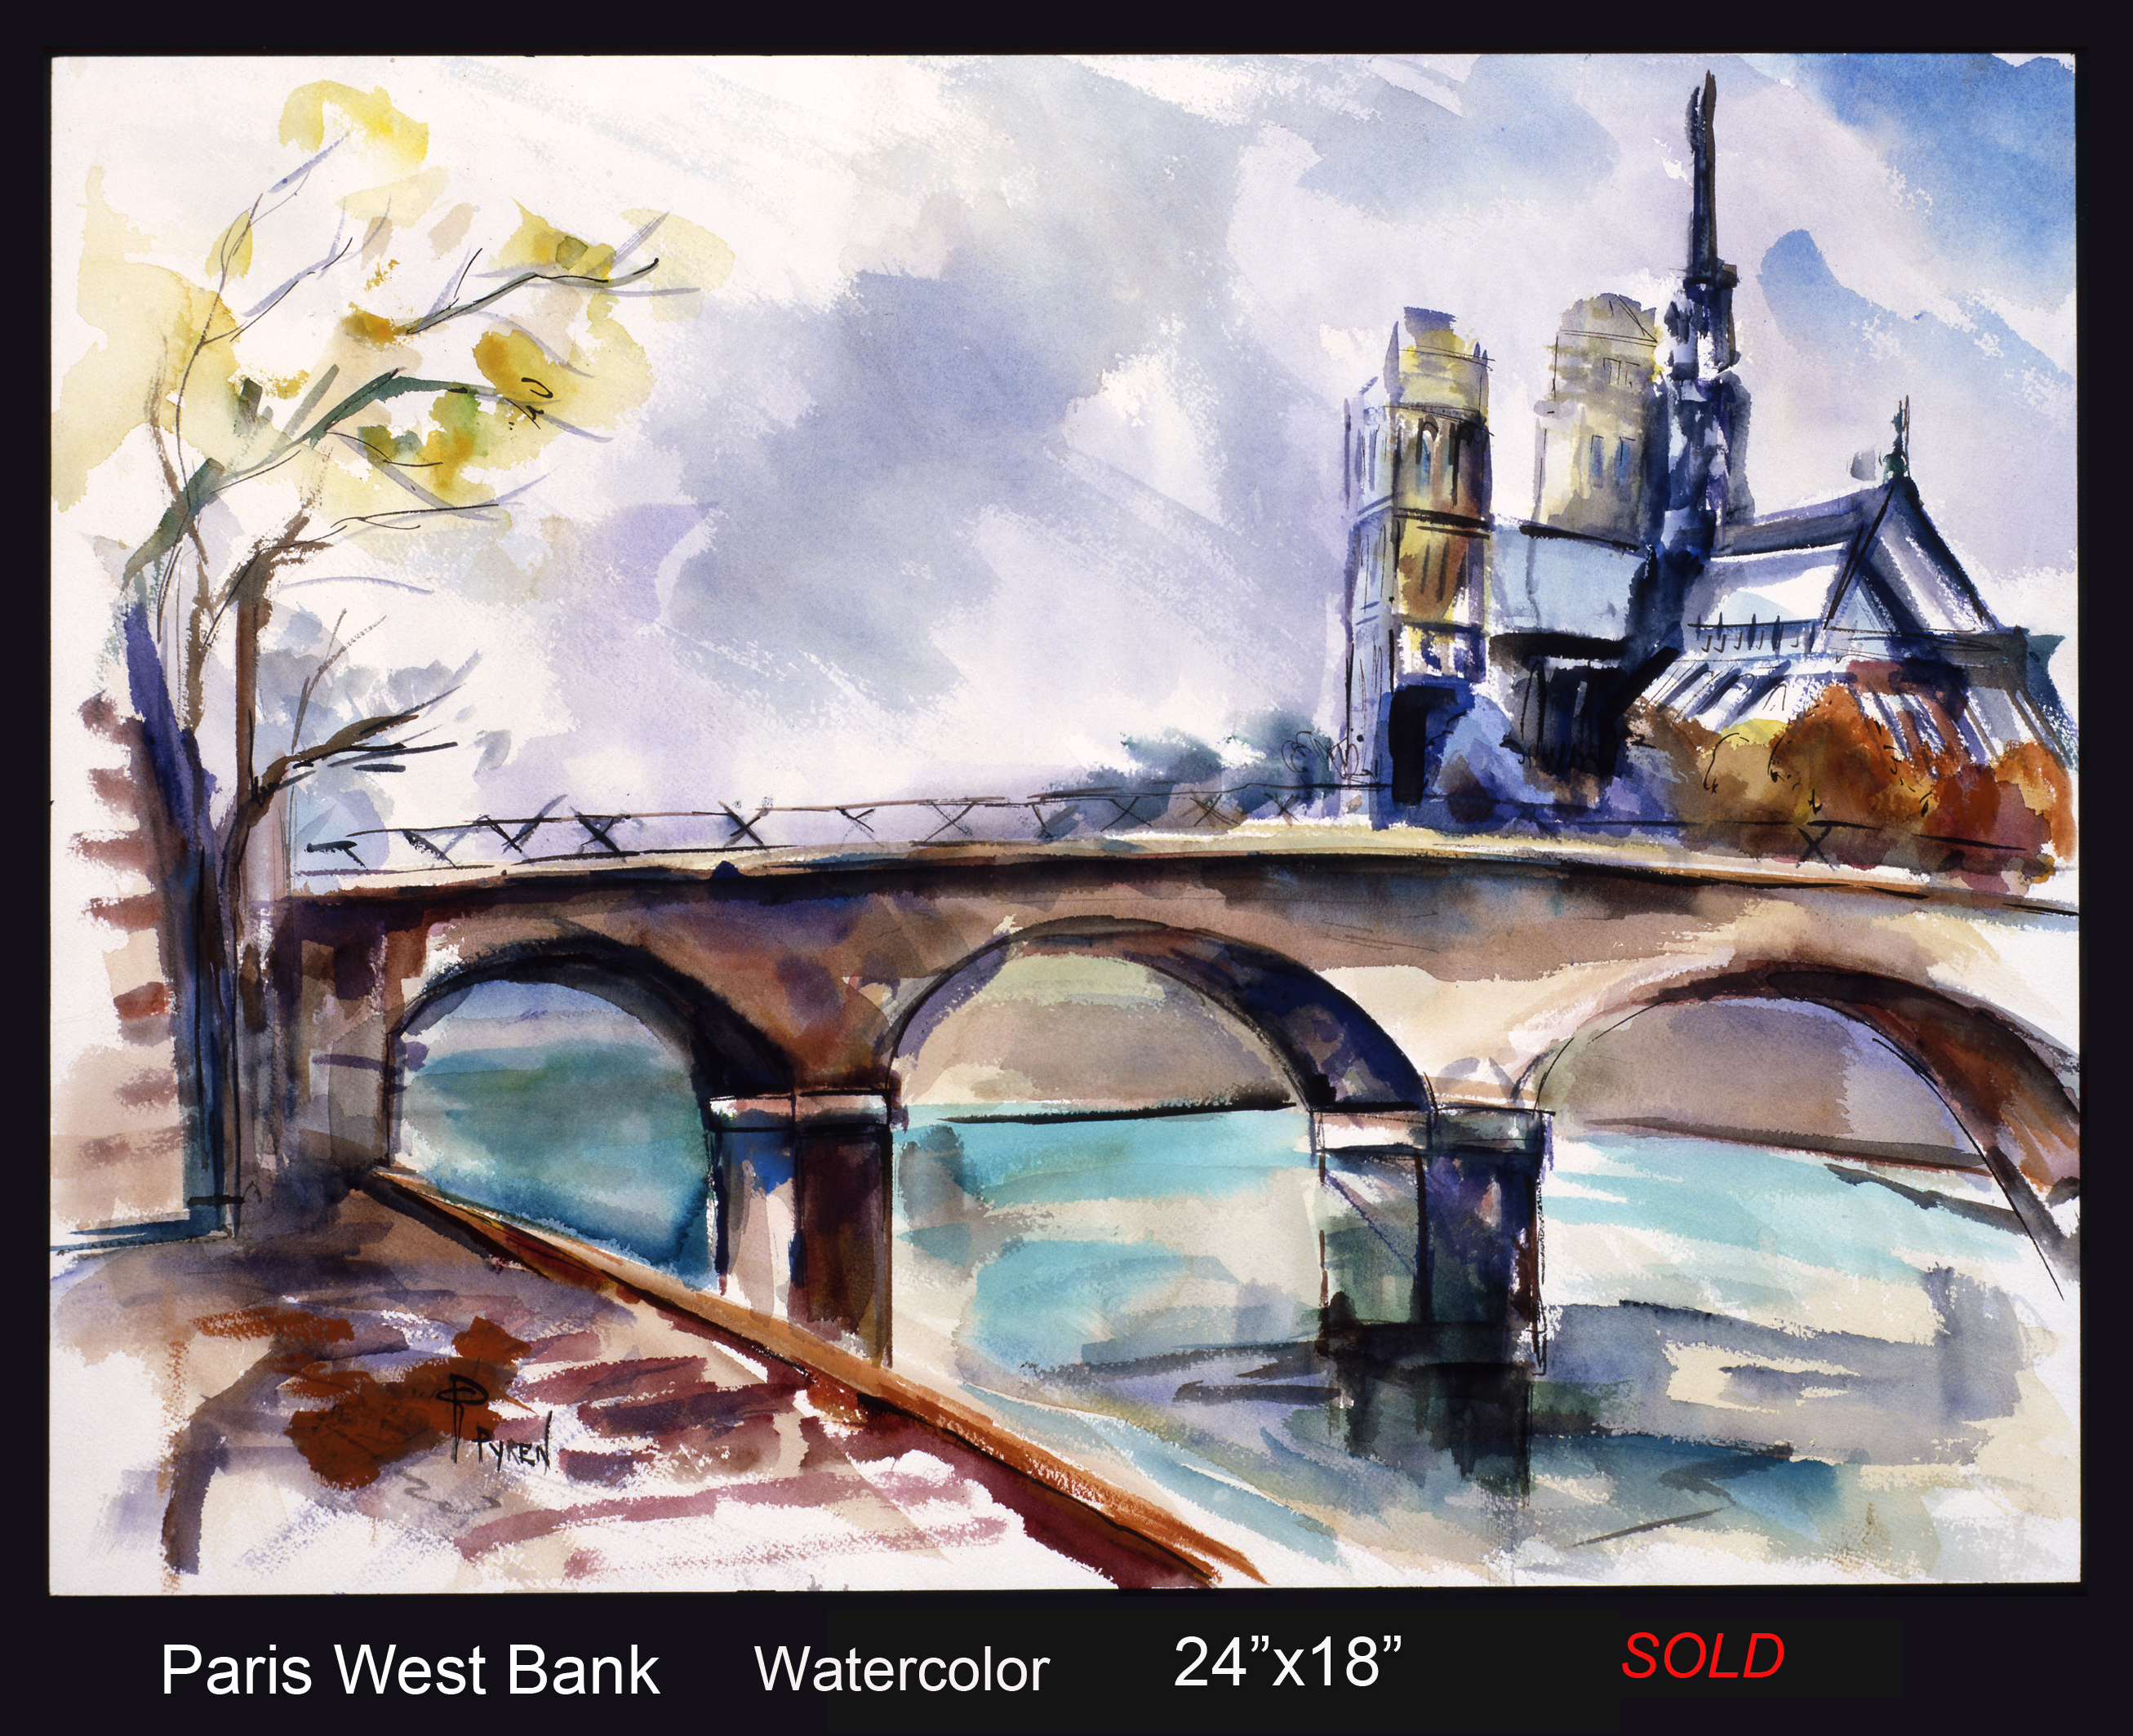 Paris West Bank